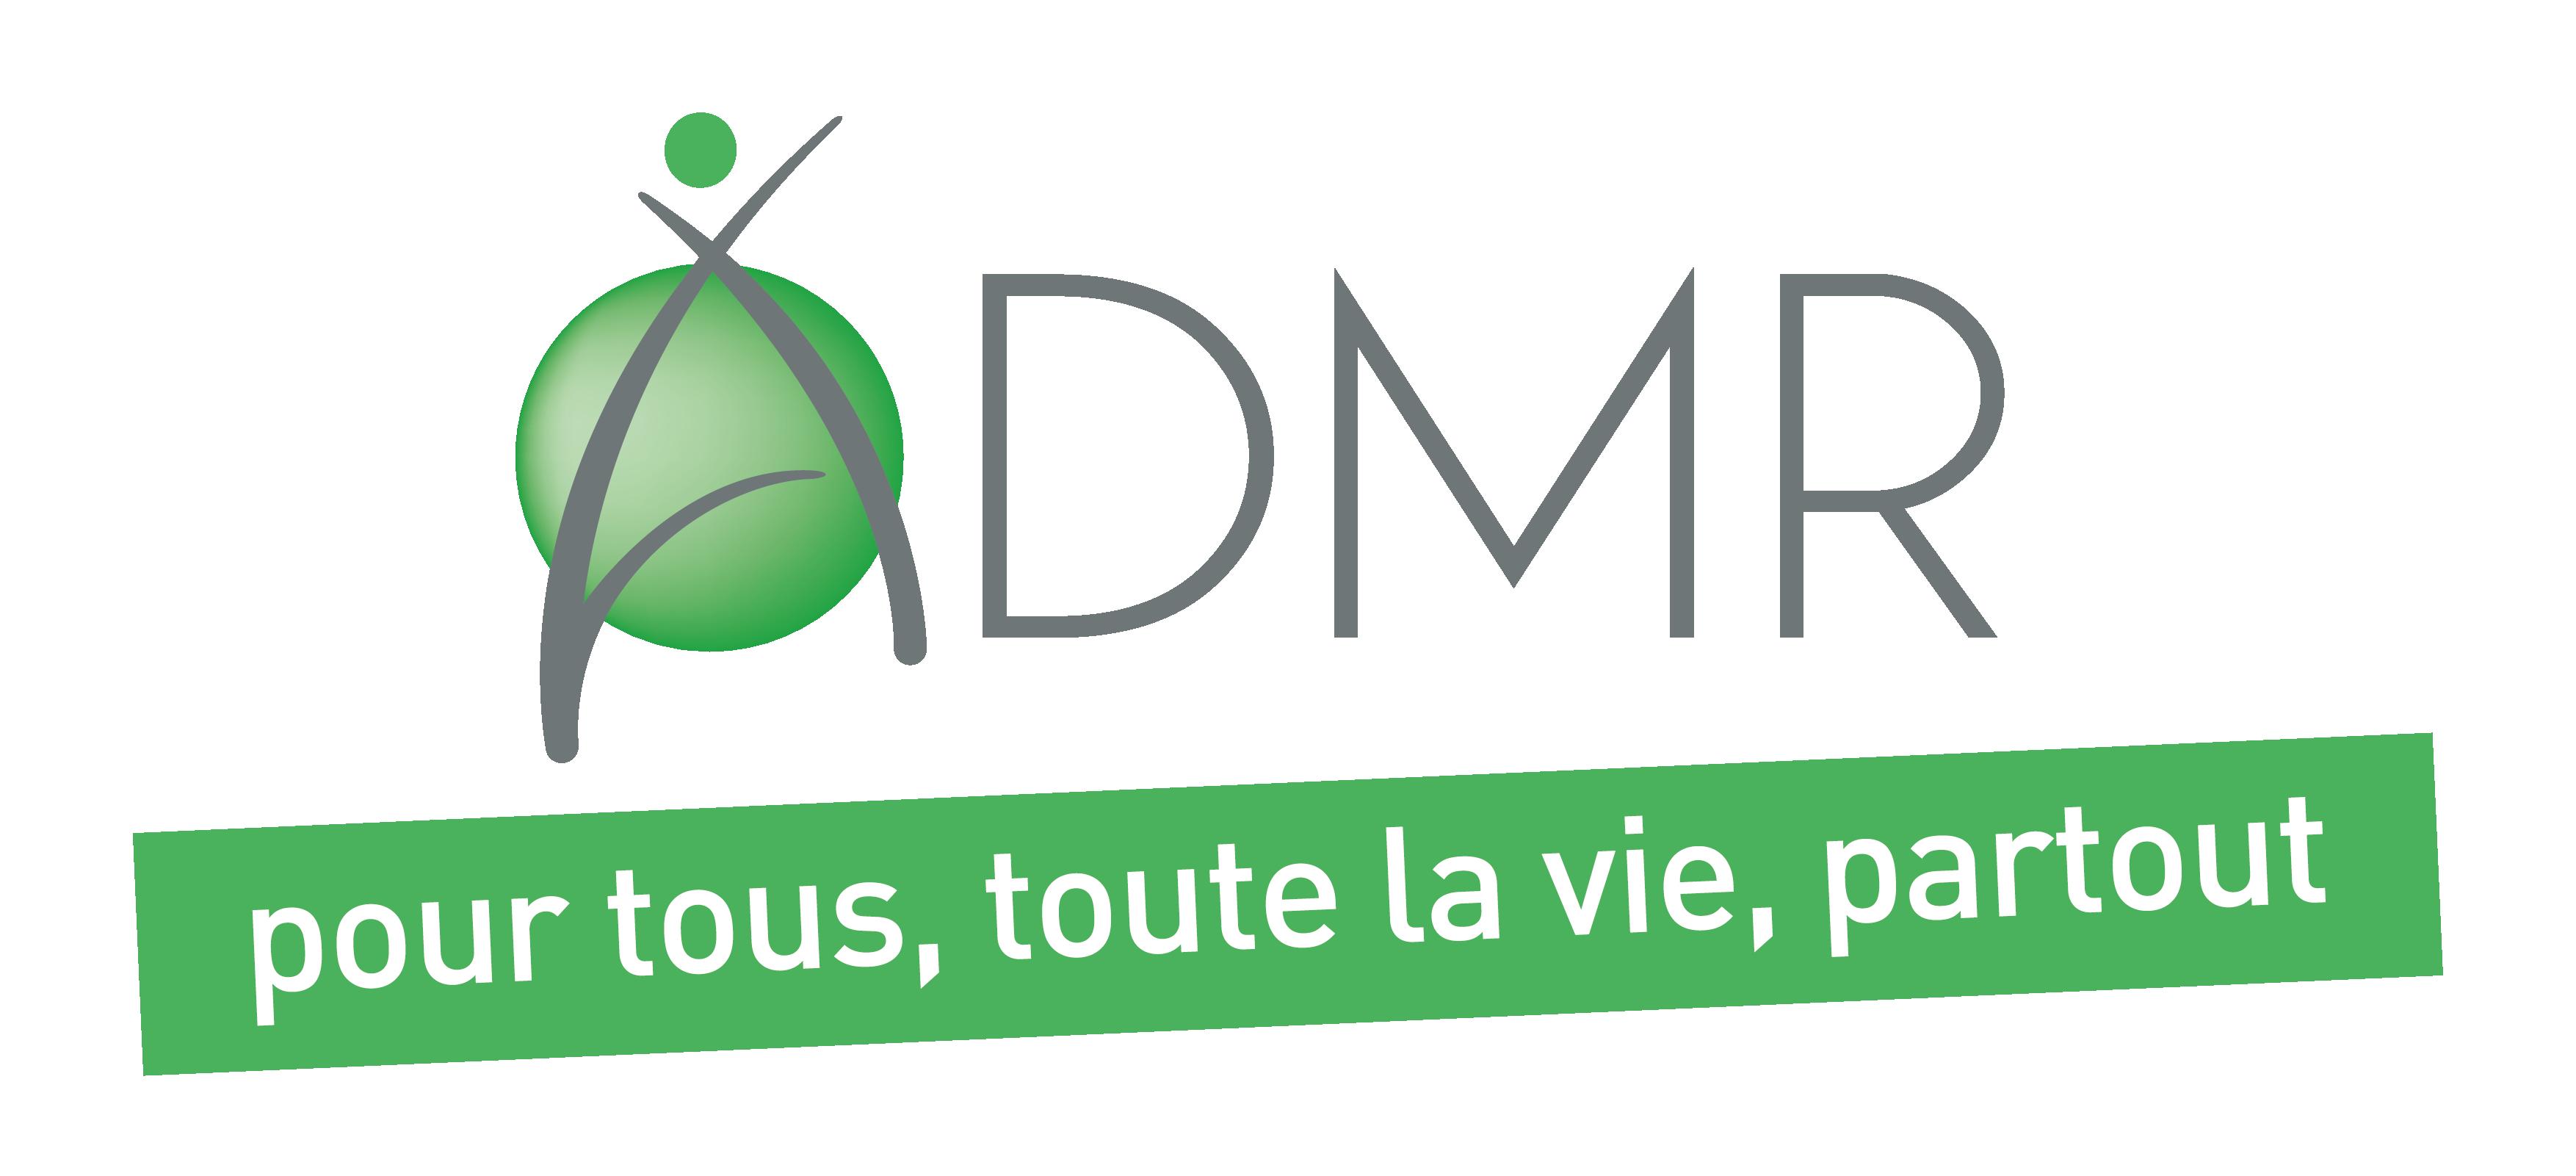 ADMR 56